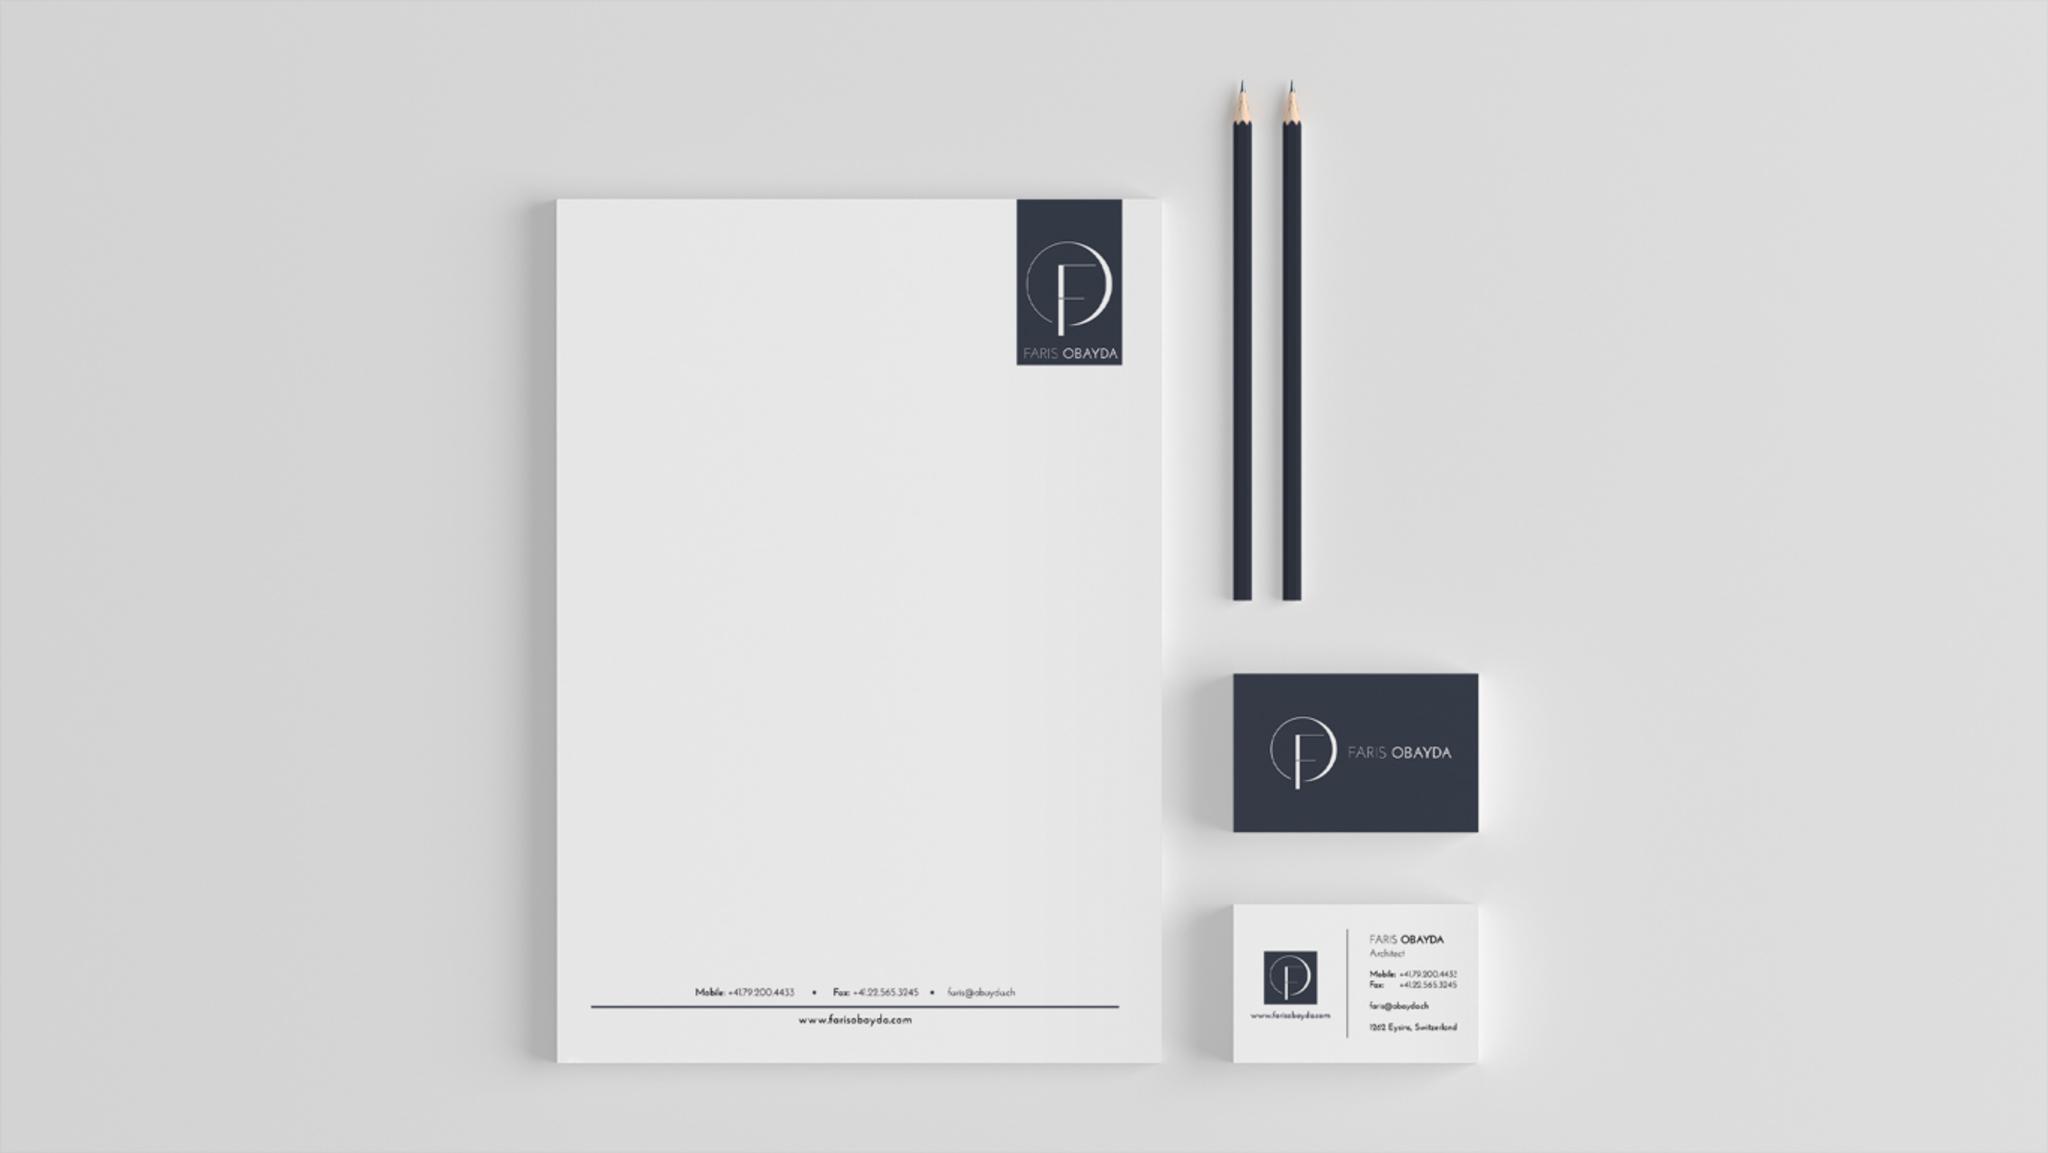 Faris Obayda - Design